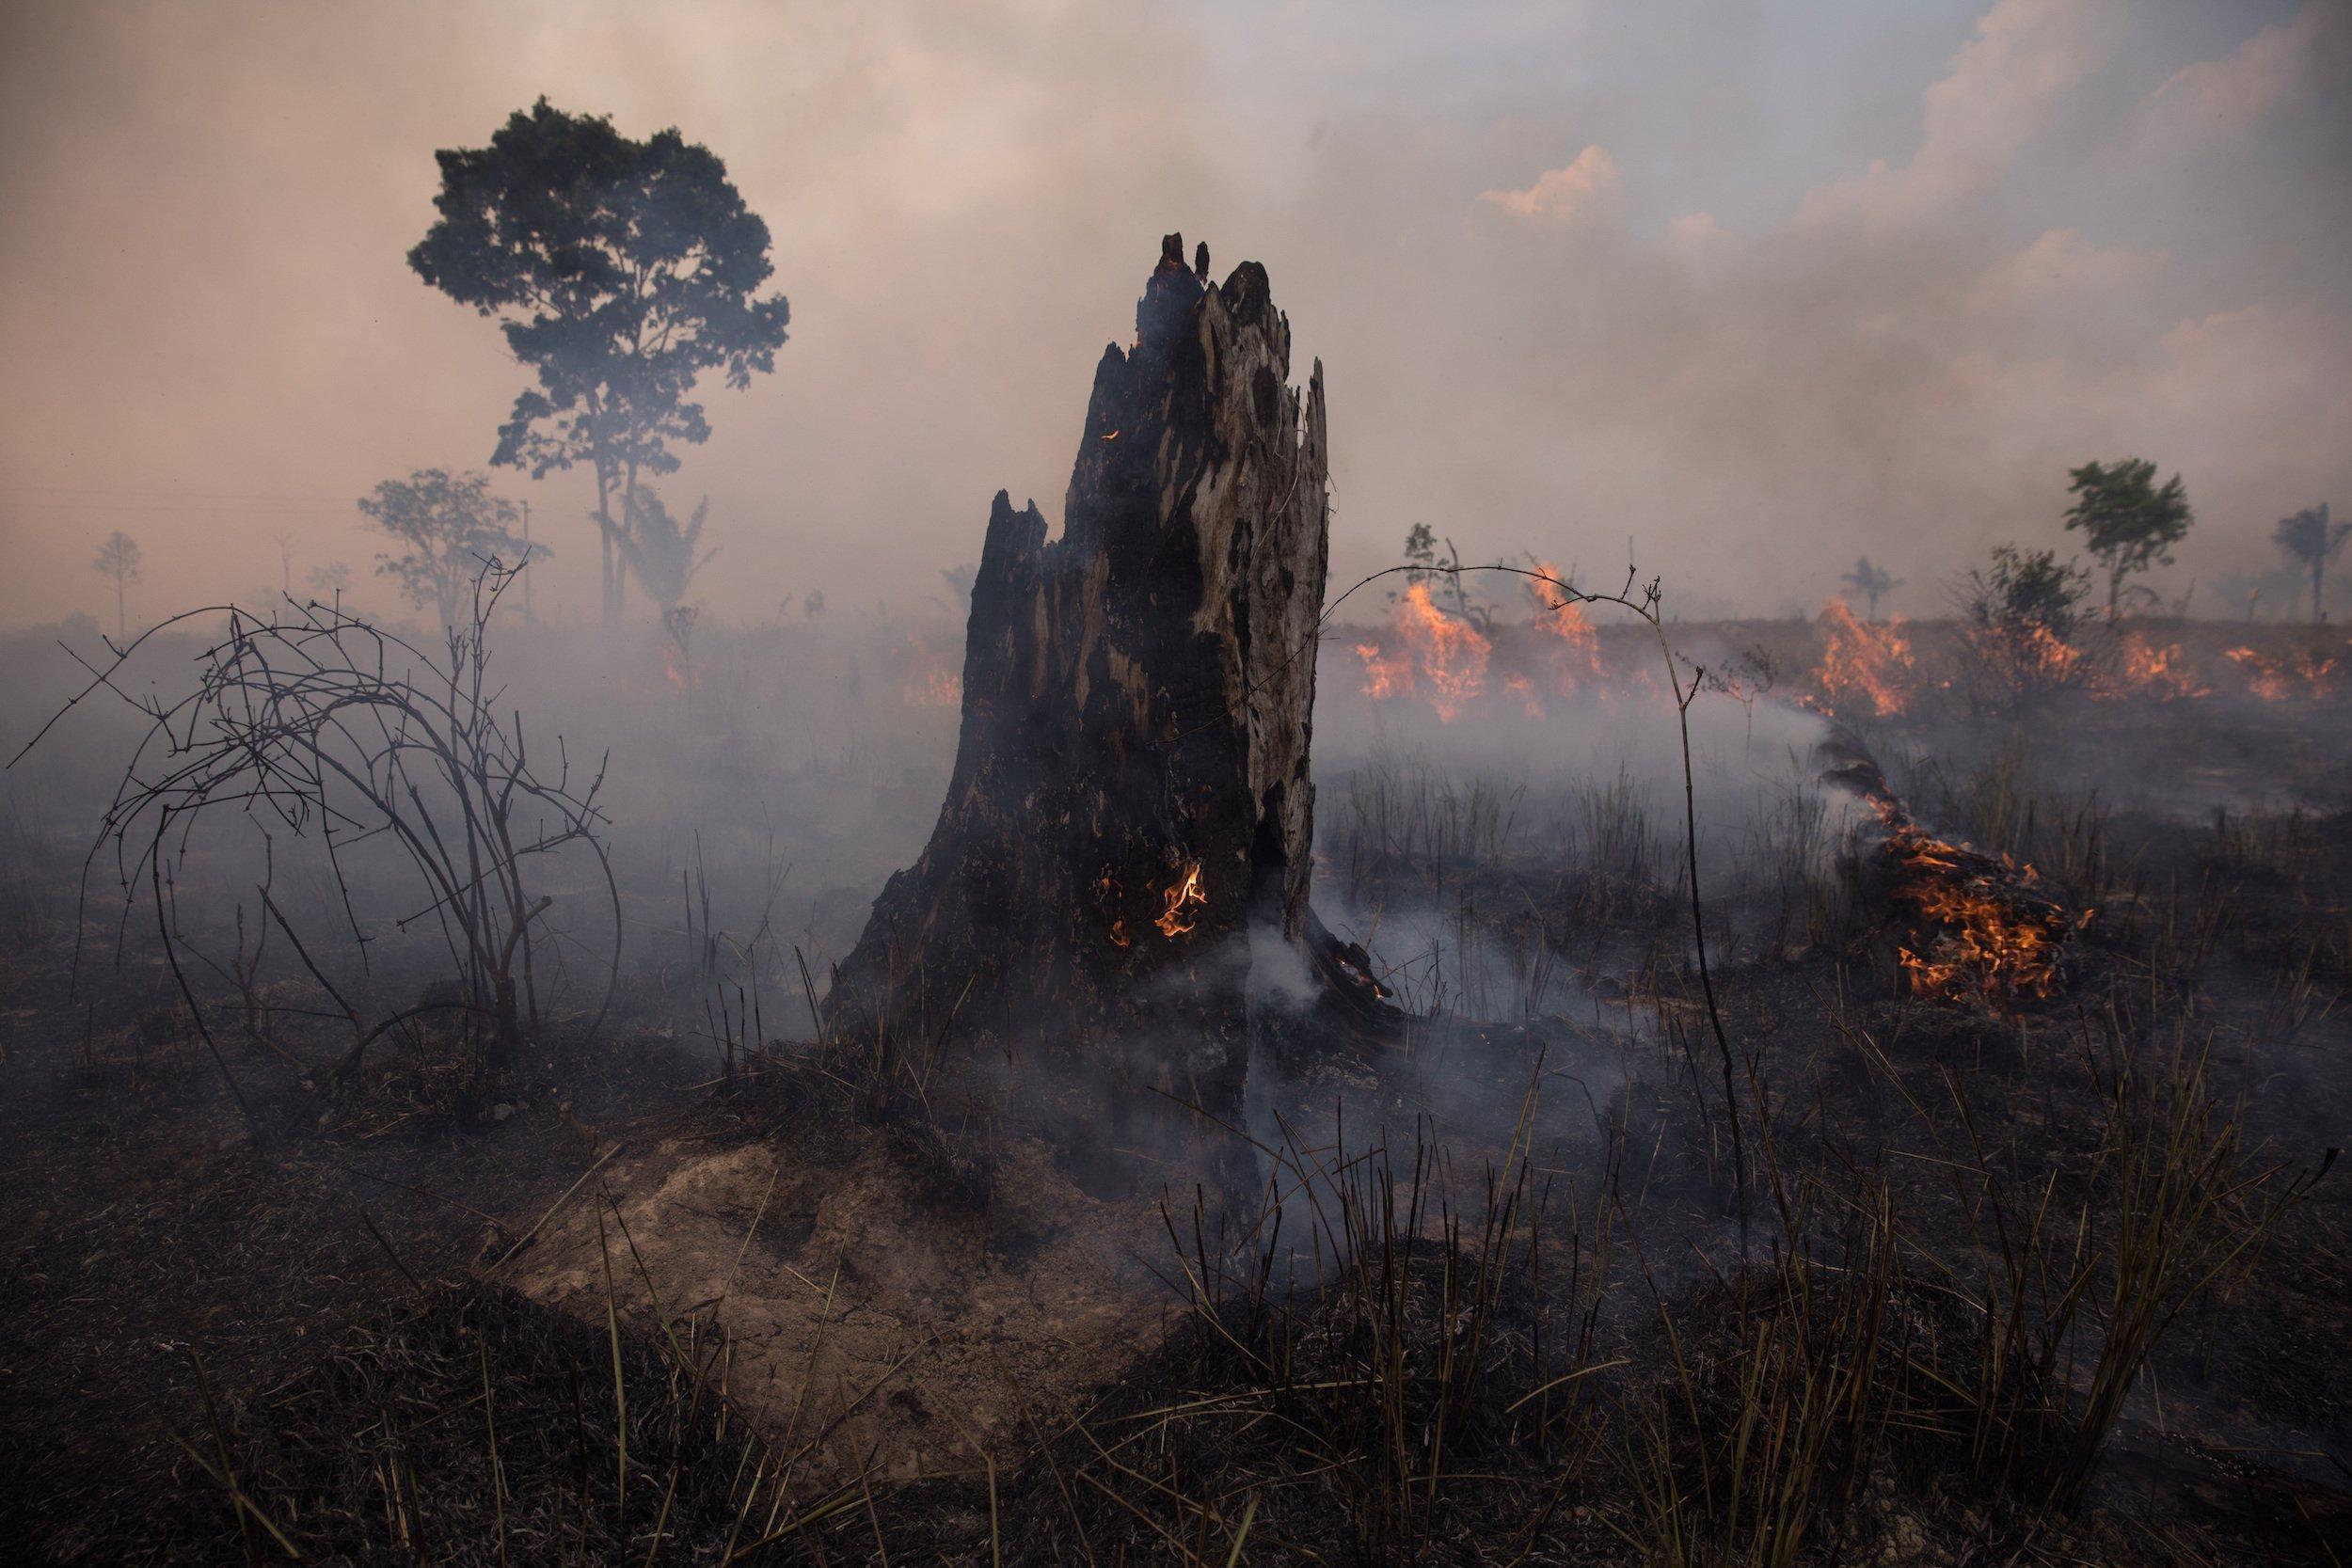 Ein brennender Baumstumpf vor einer rauchenden Rodungsfläche im Amazonas.